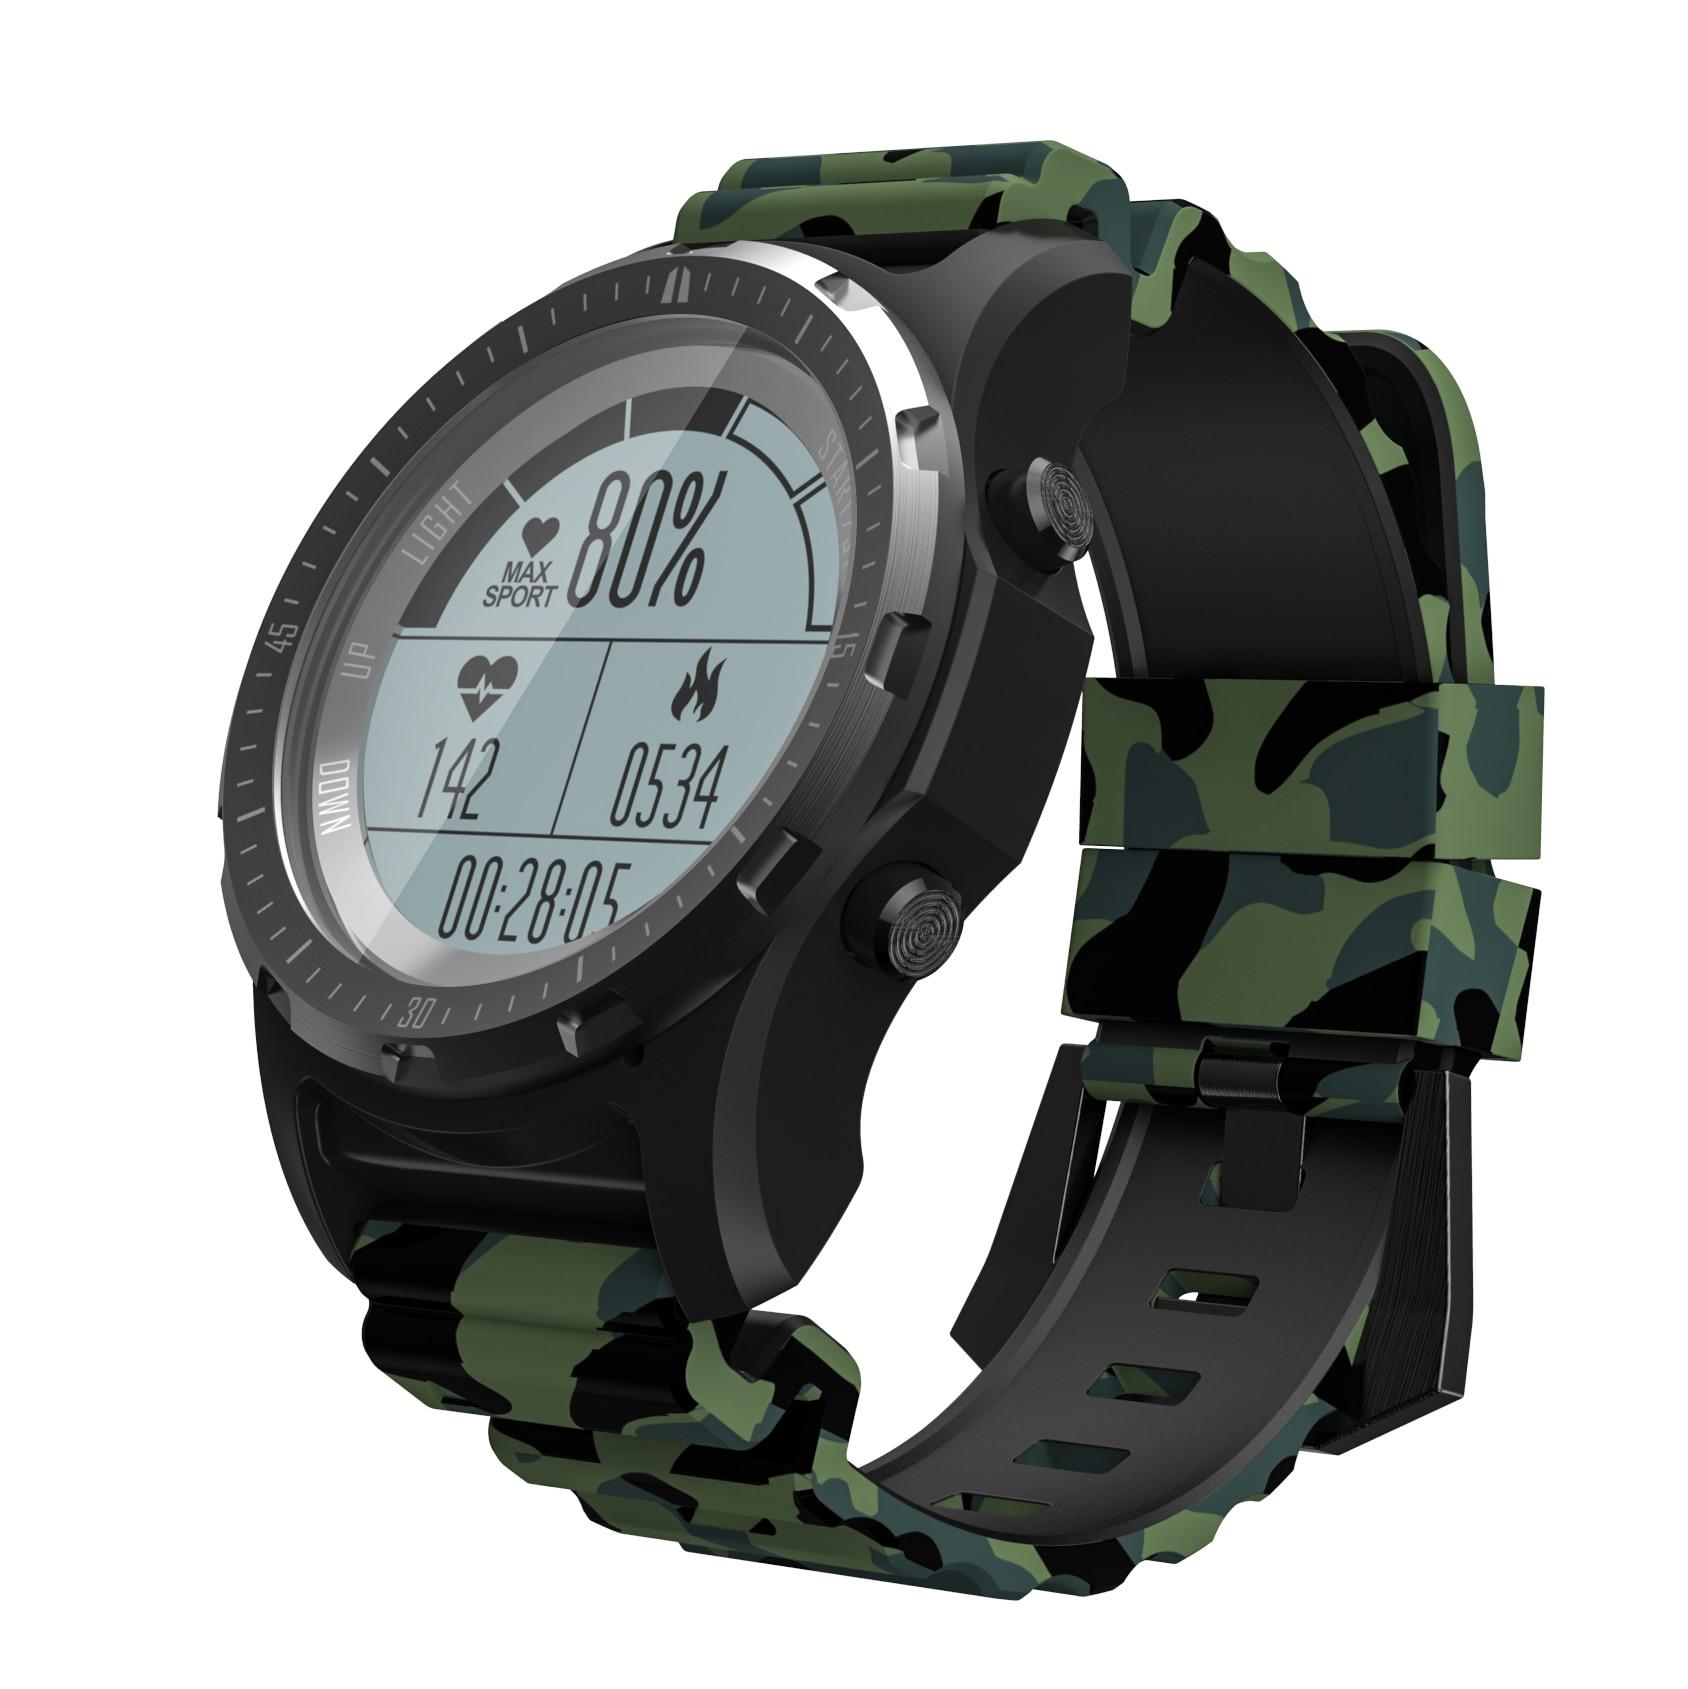 RUIJIE S966 GPS montre intelligente étanche fréquence cardiaque compteur d'altitude température multi-sport hommes cyclisme course sport Smartwatch